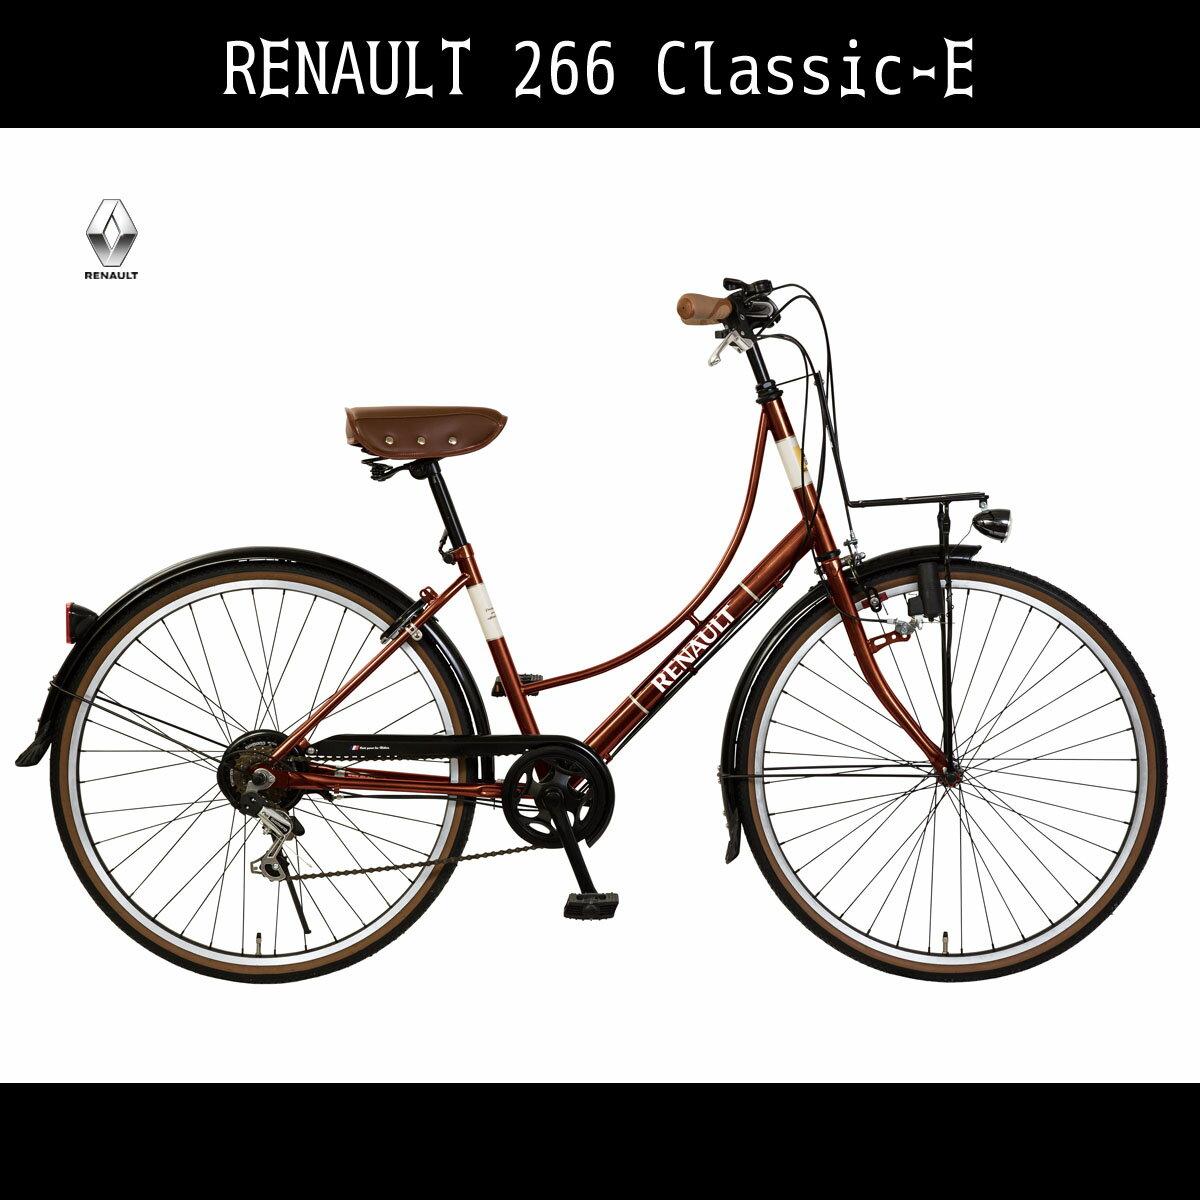 雨の日も安心 傘固定器具付 さすべえセット自転車 ルノー(RENAULT)ブラウン/茶色 シティサイクル 26インチ 外装6段変速ギア付き LEDライト ローラーブレーキ ママチャリ ルノー 自転車 266L Classic-E ギア付きで使いやすいママチャリ:自転車Lab